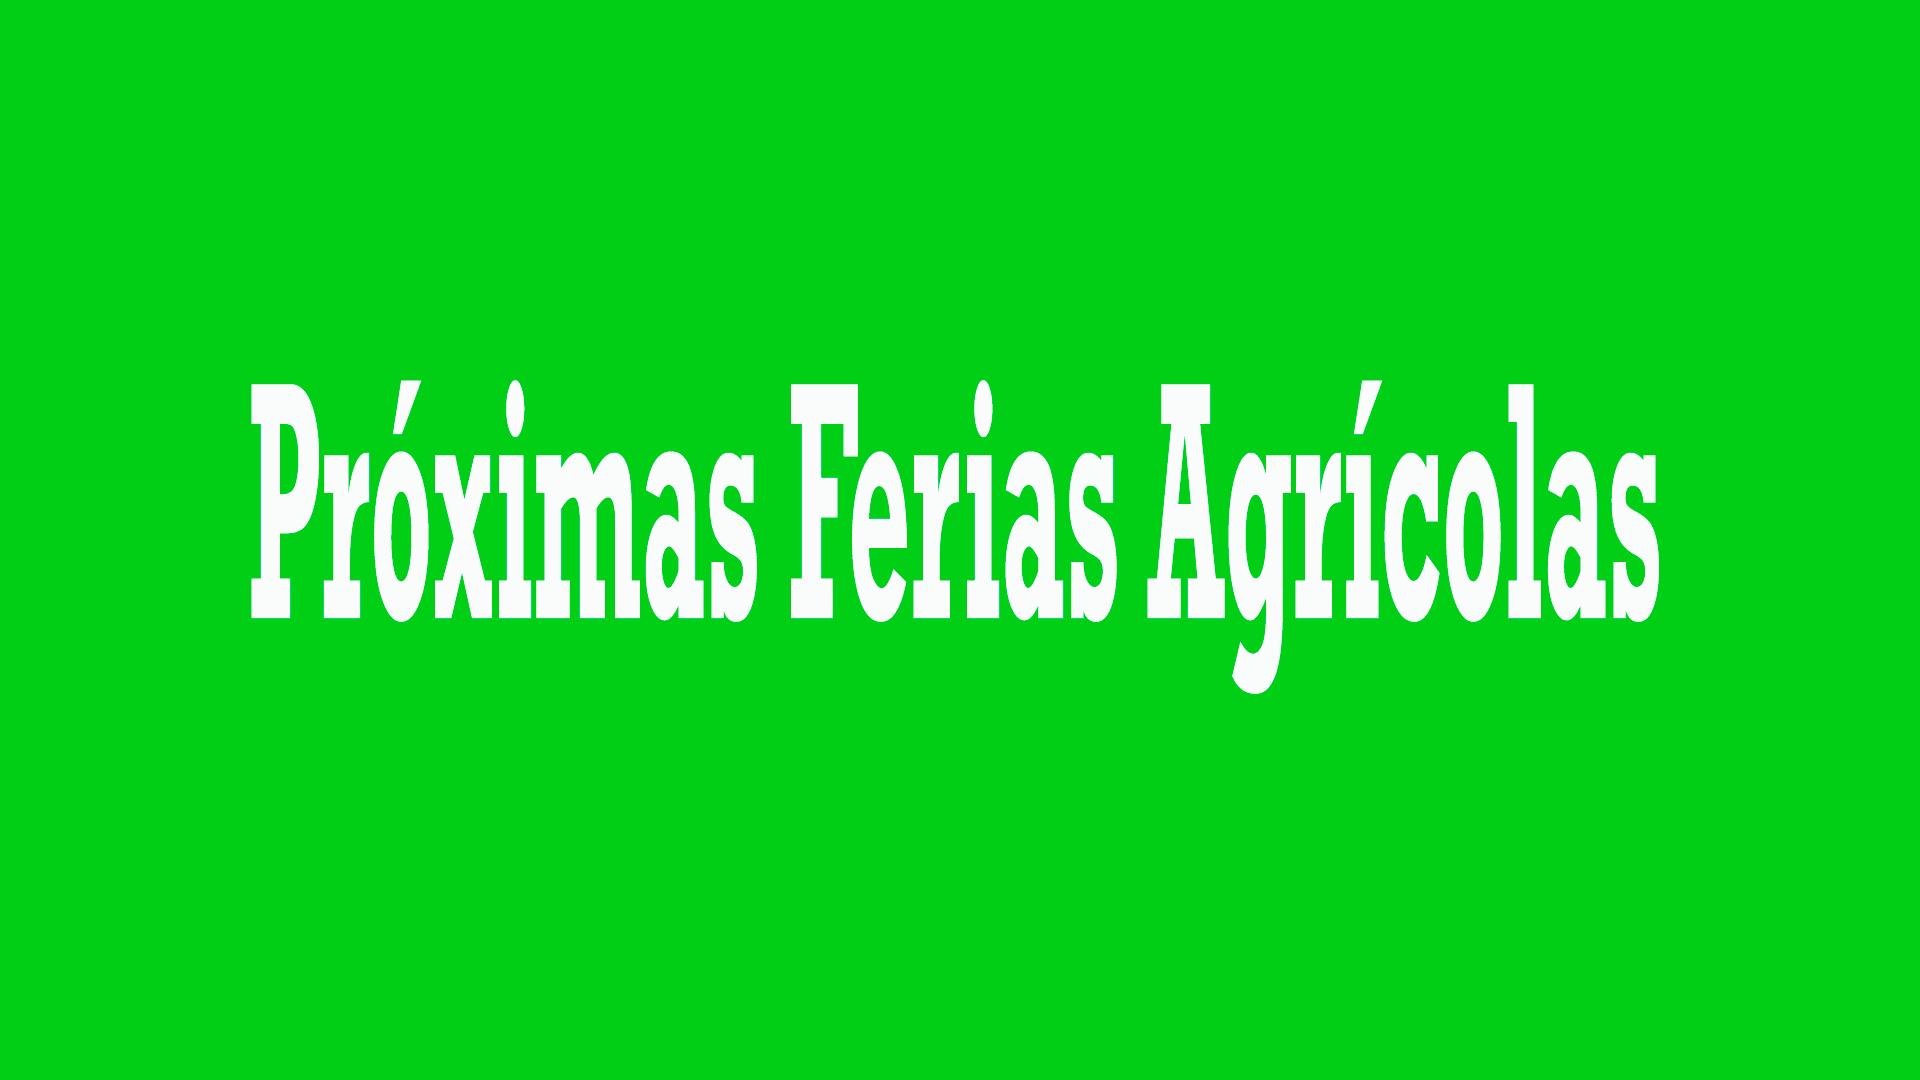 próximas ferias agrícolas